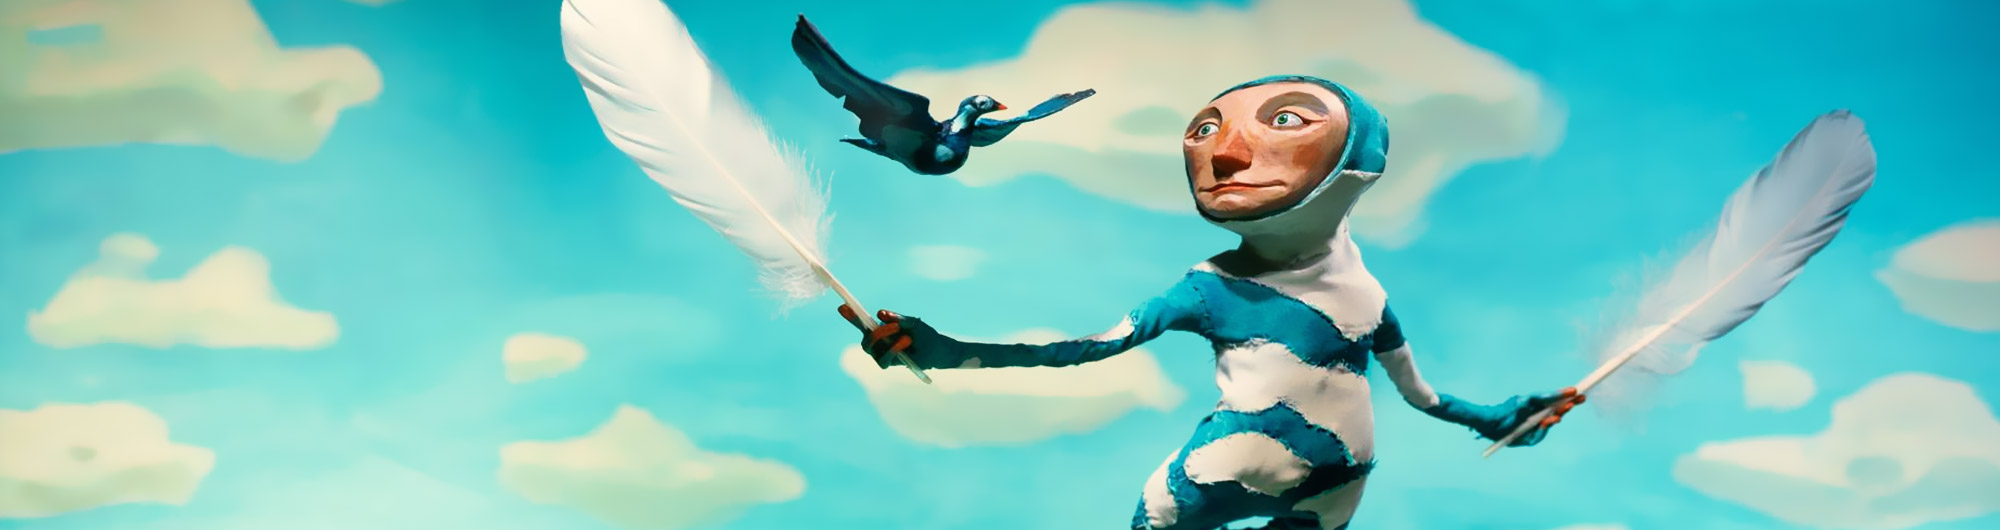 Bird Man Windows 8